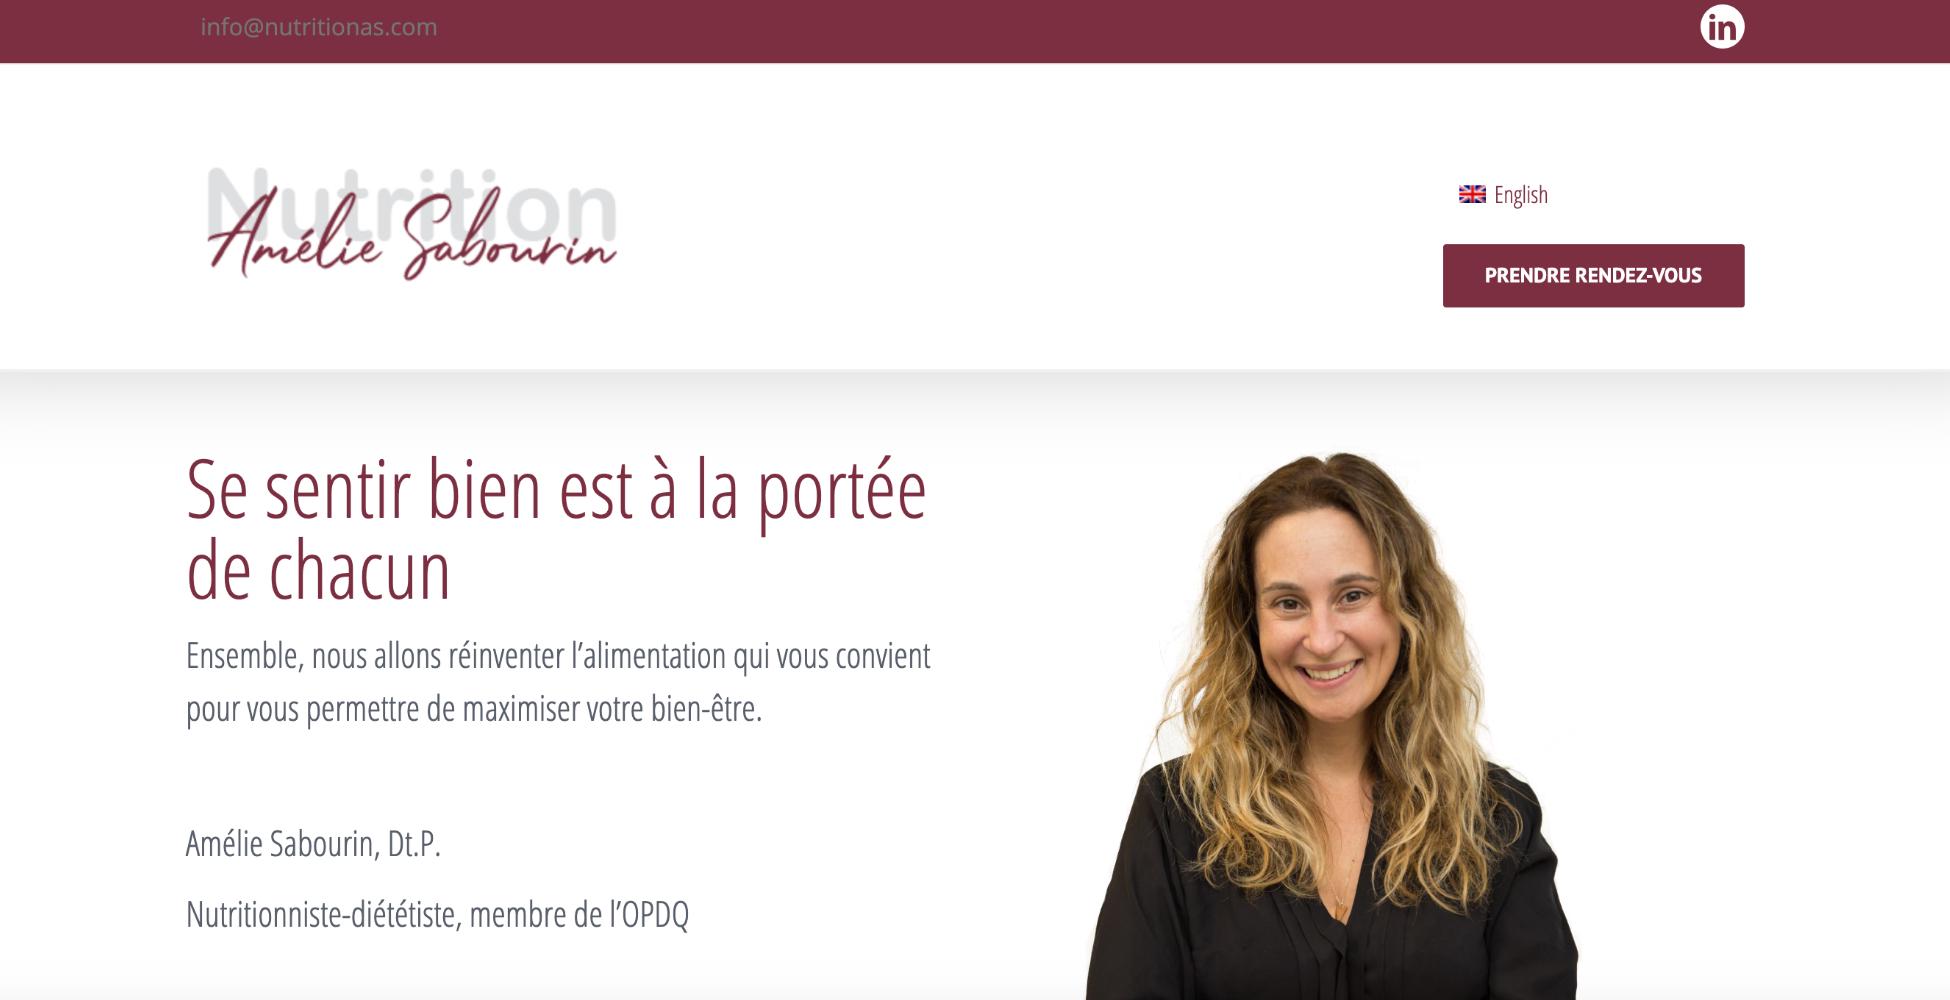 Nutrition Amélie Sabourin